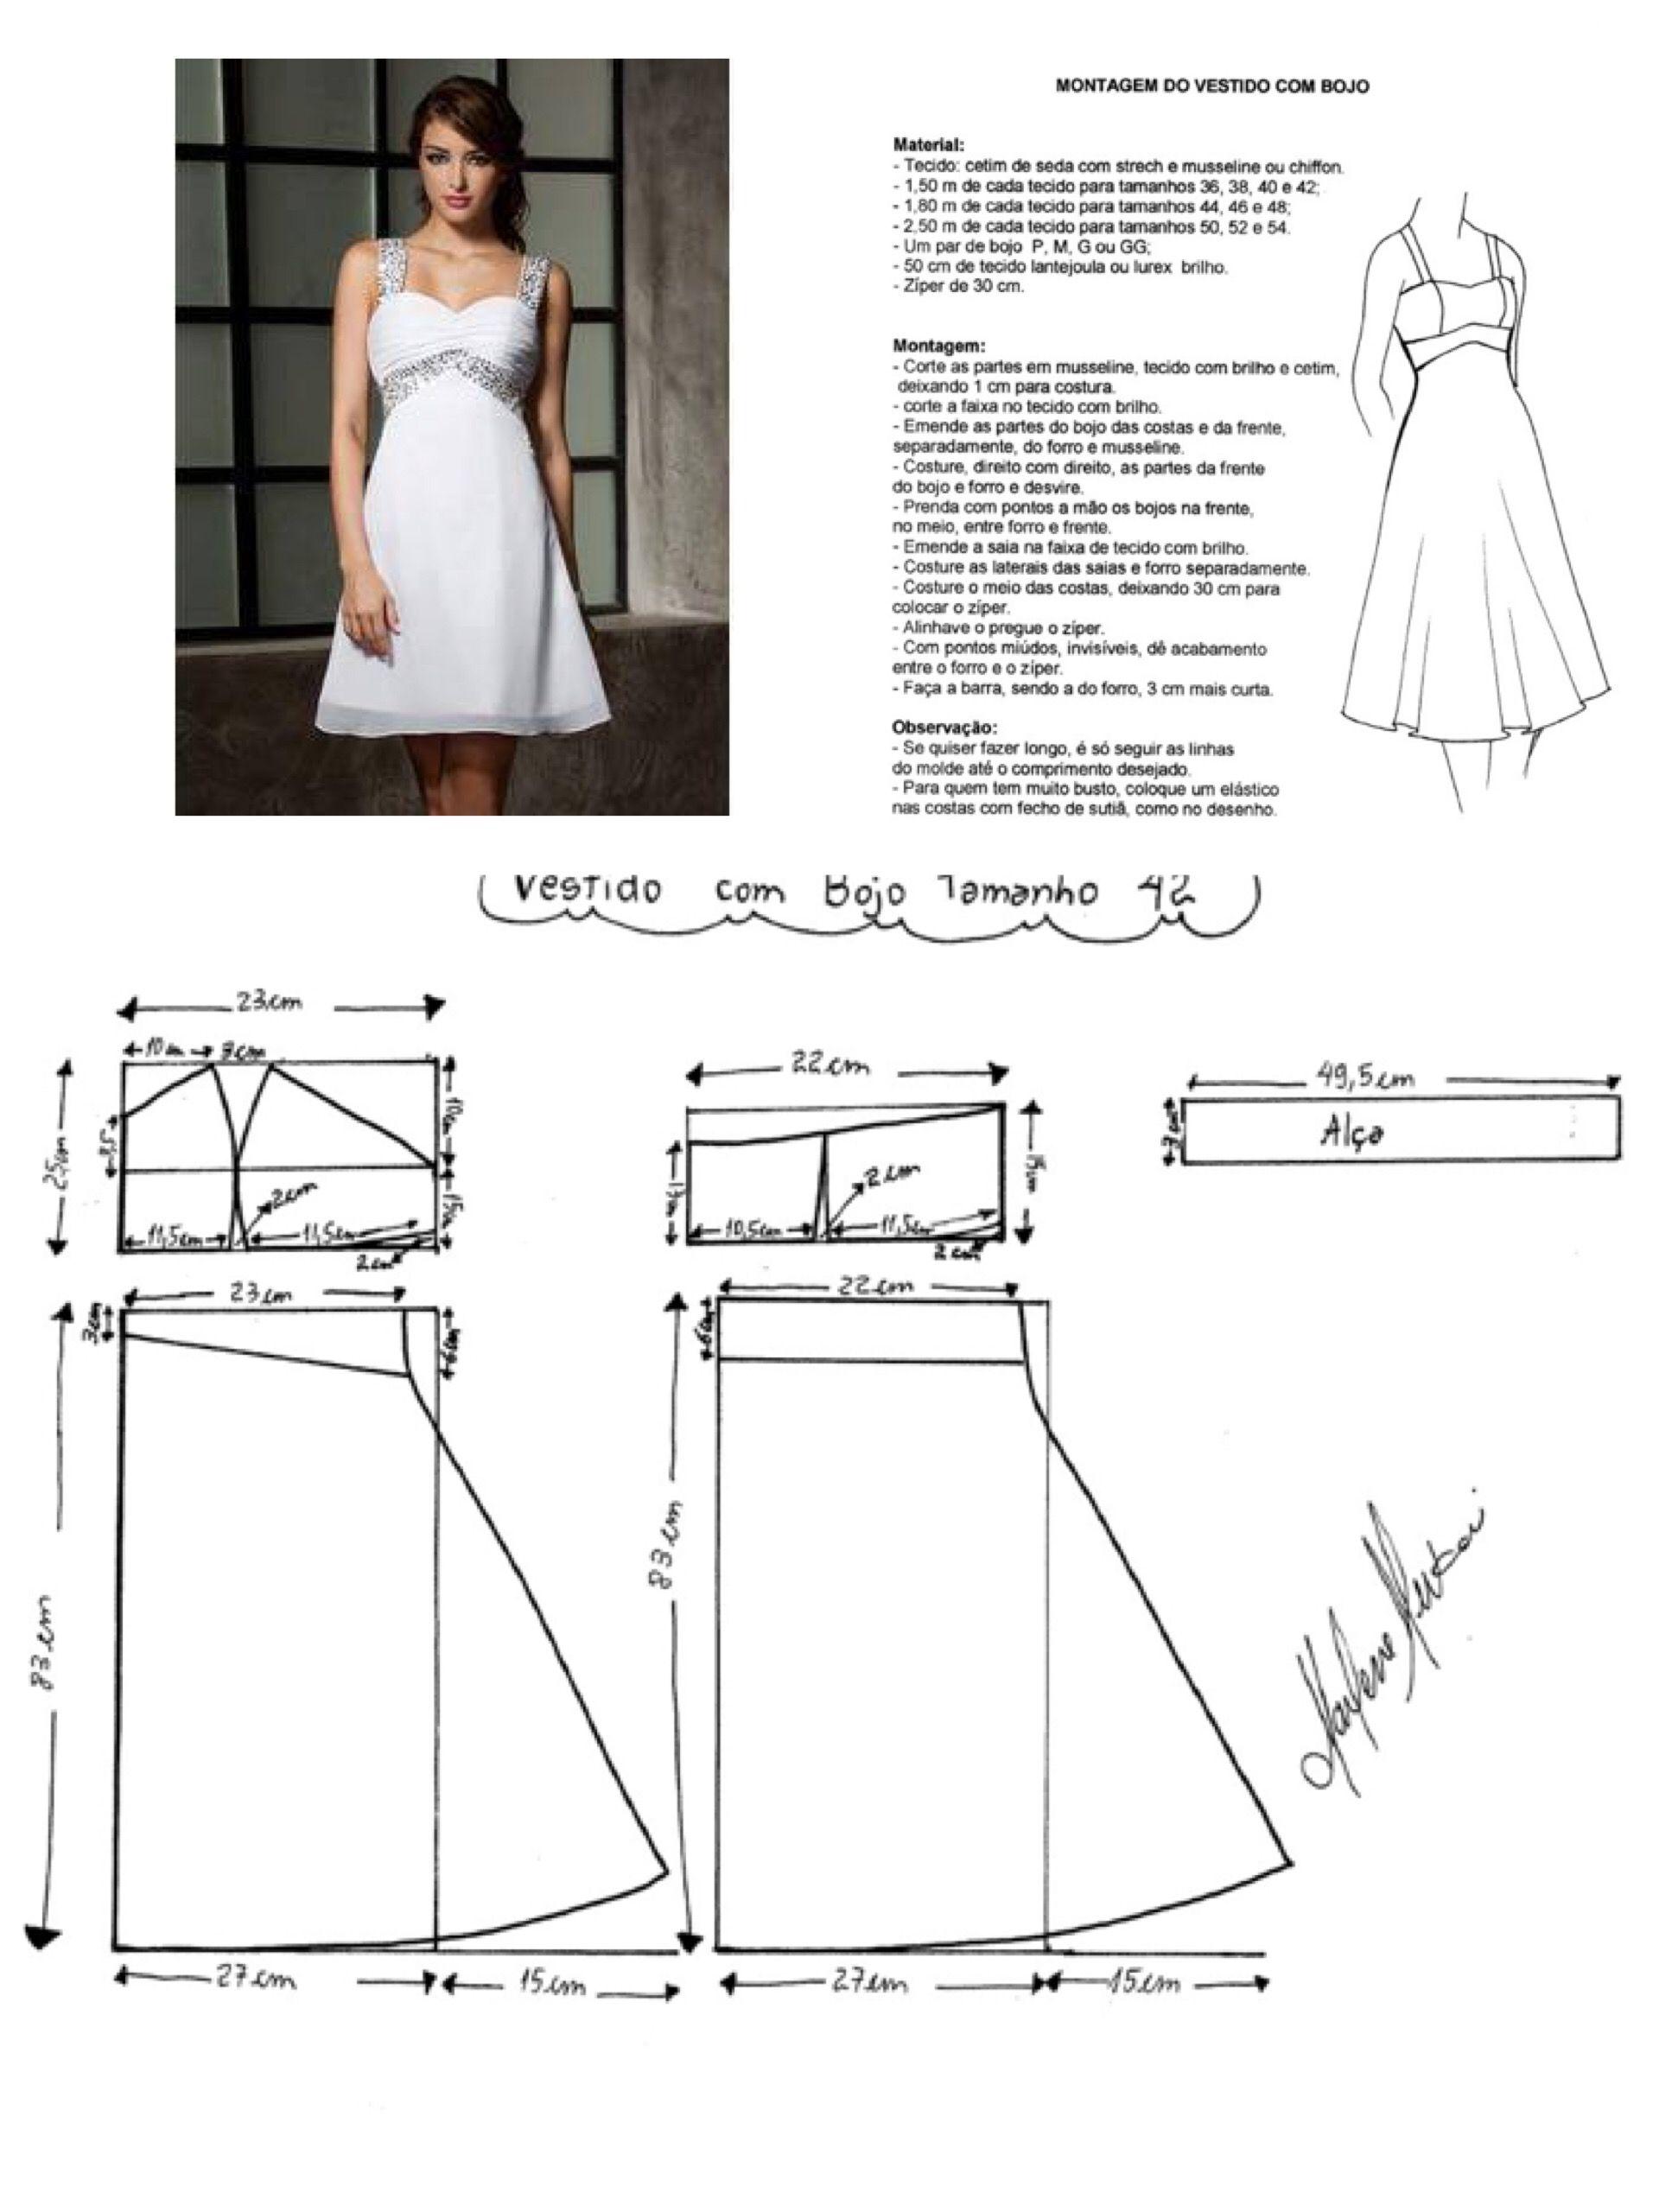 Vestido ok | vestidos | Pinterest | Patrones, Costura y Molde